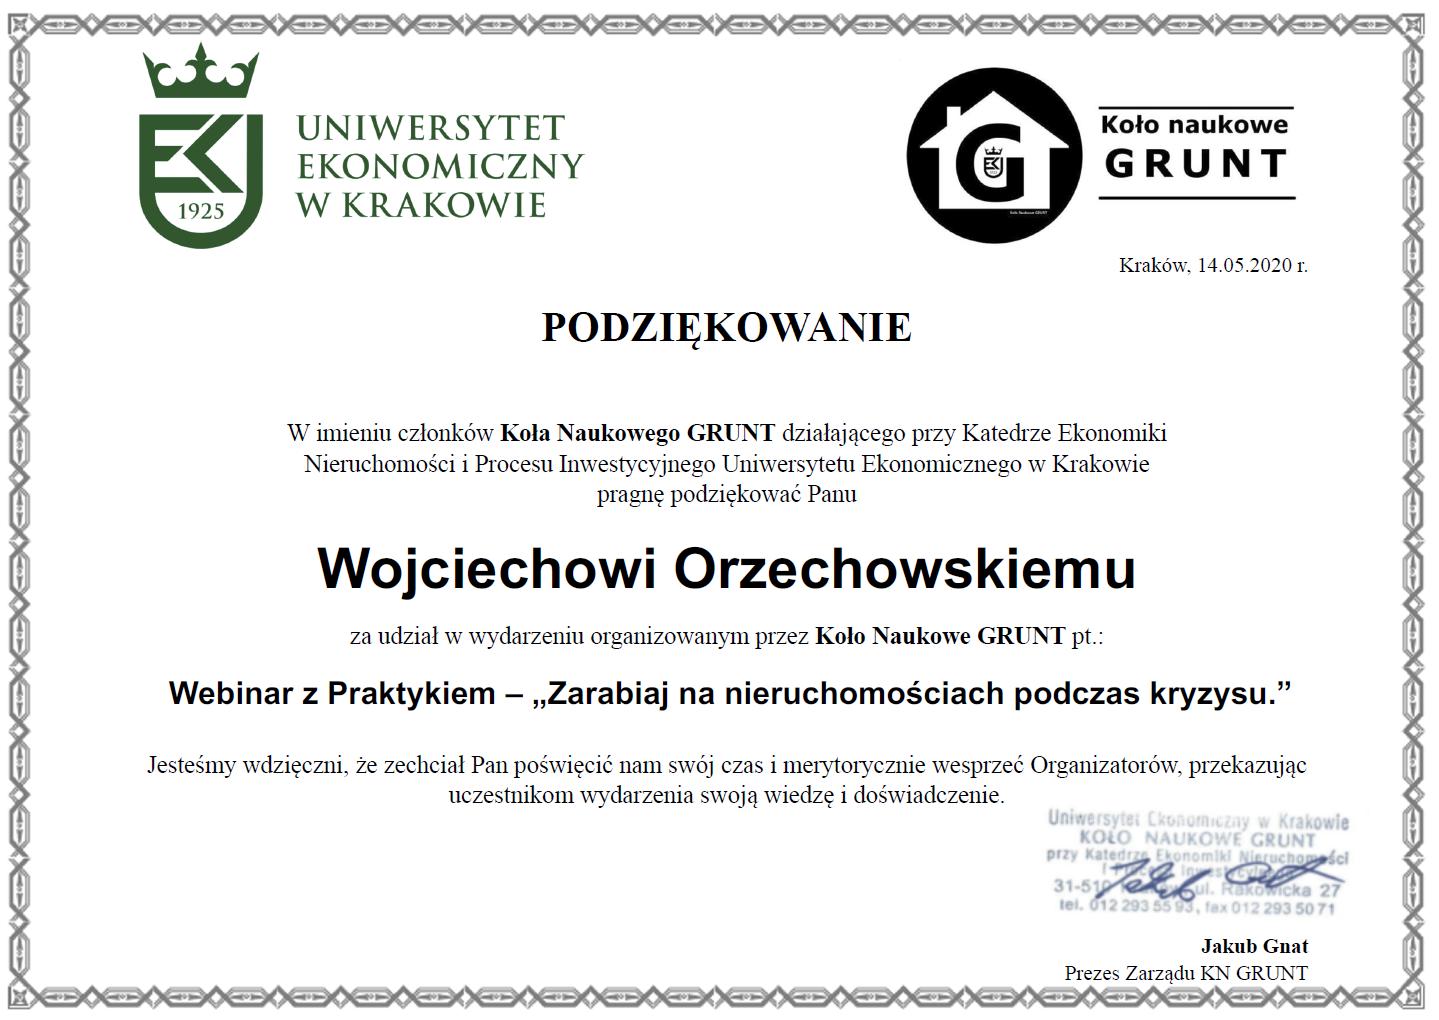 Uniwersytet Ekonomiczny w Krakowie - Podziękowanie dla Wojciecha Orzechowskiego